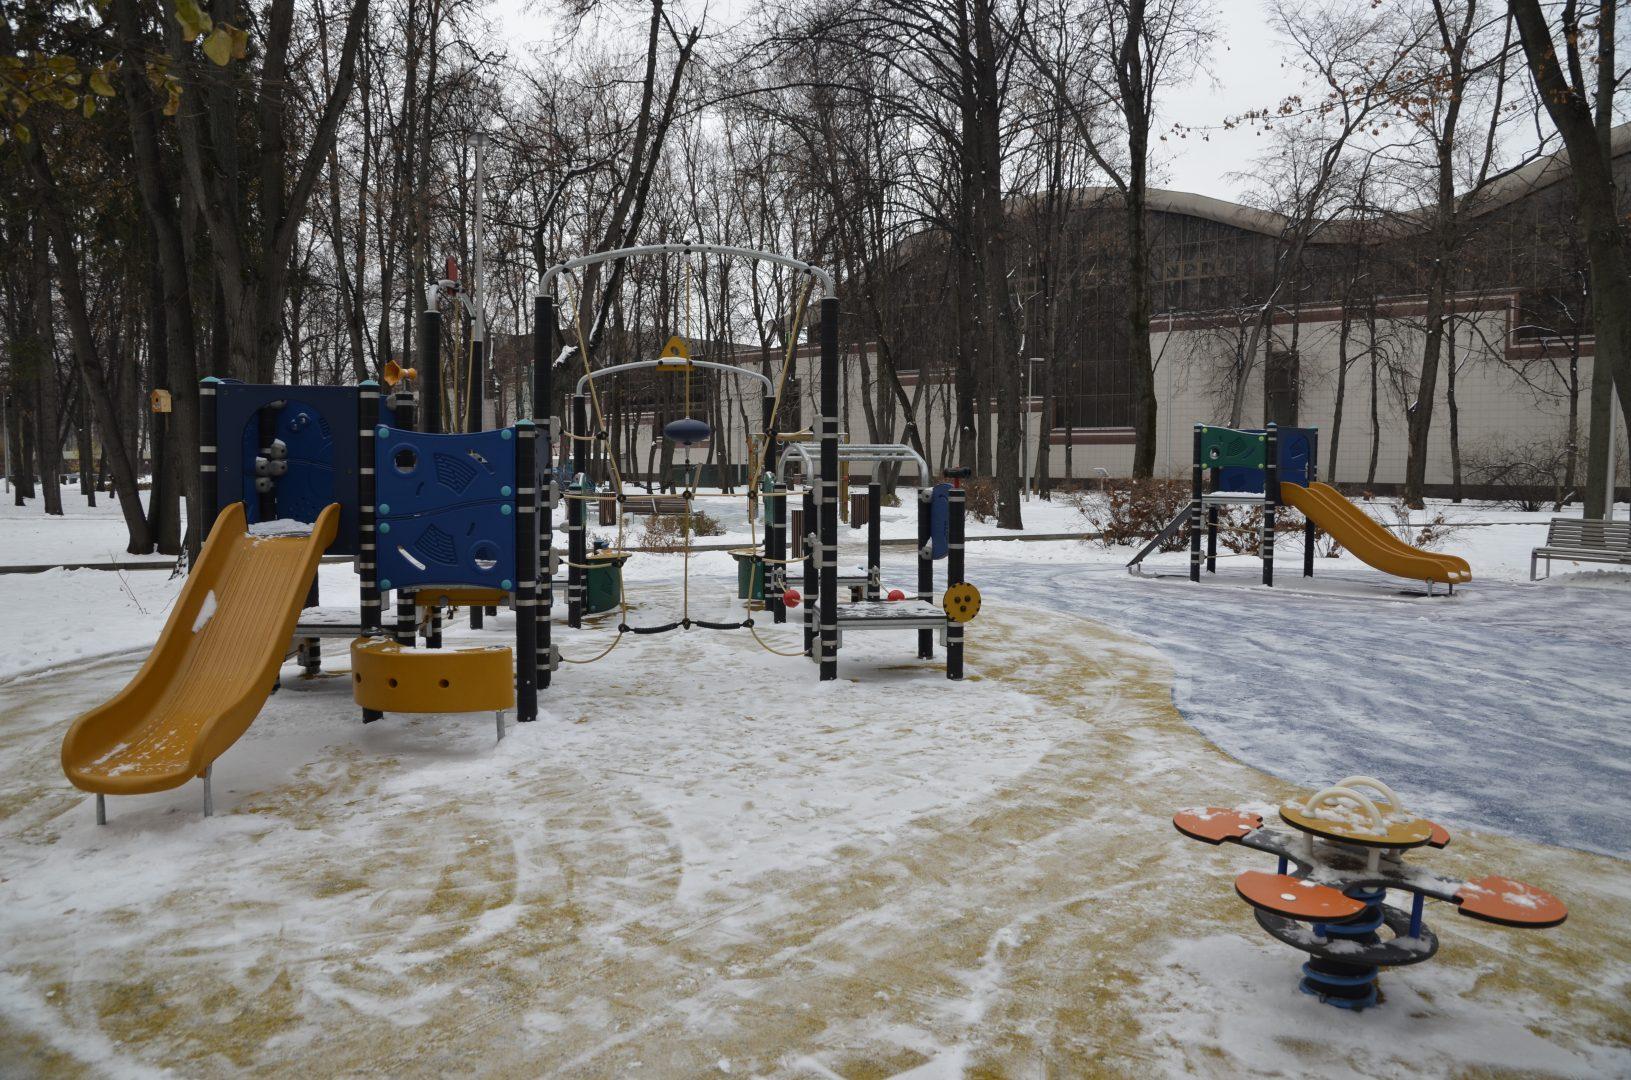 Жители Краснопахорского выбрали формат благоустройства детской площадки в поселении. Фото: Анна Быкова